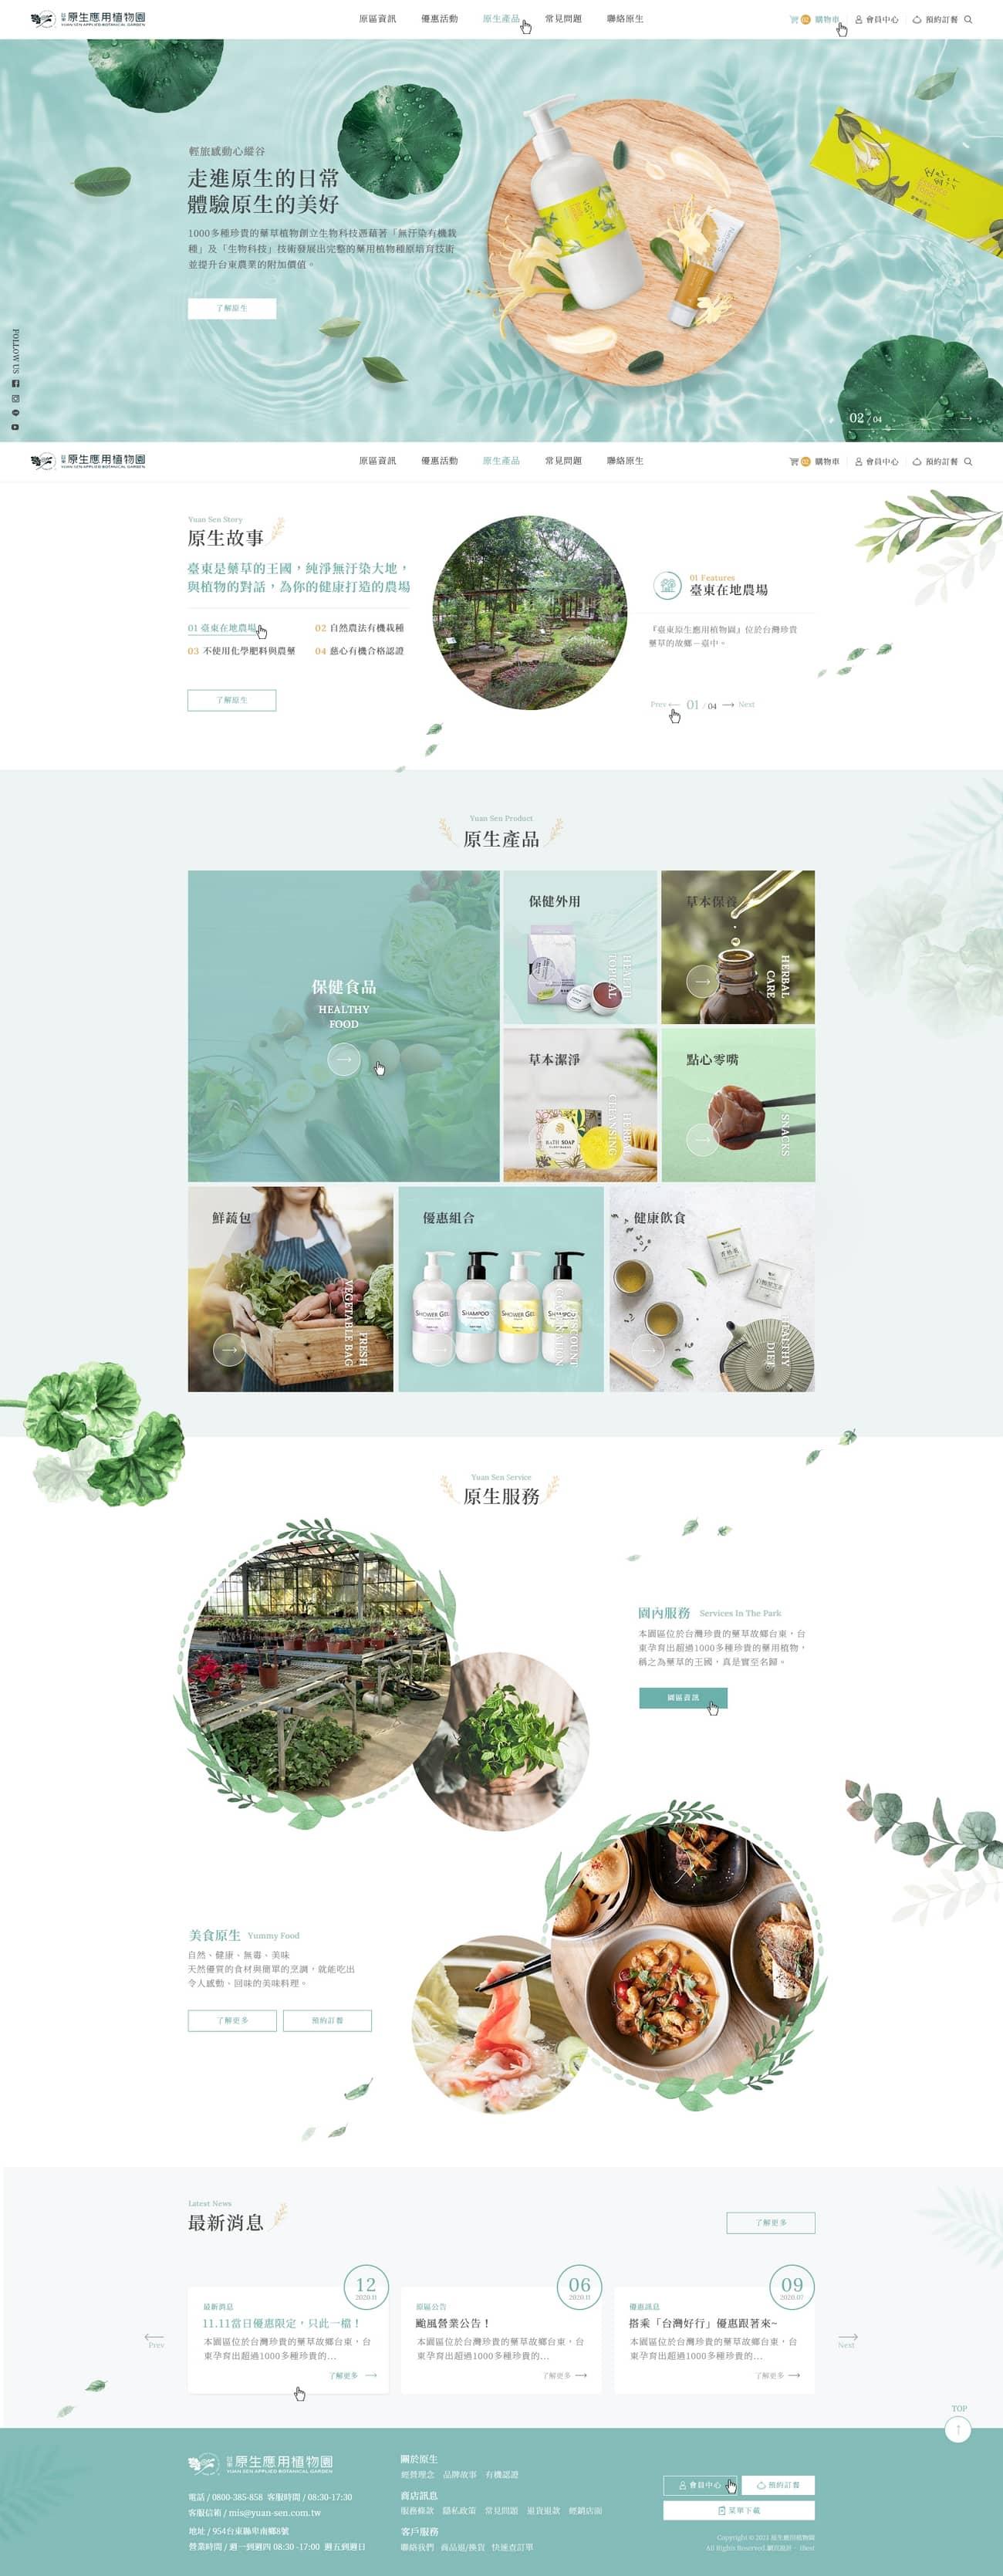 原生應用植物園-網頁設計